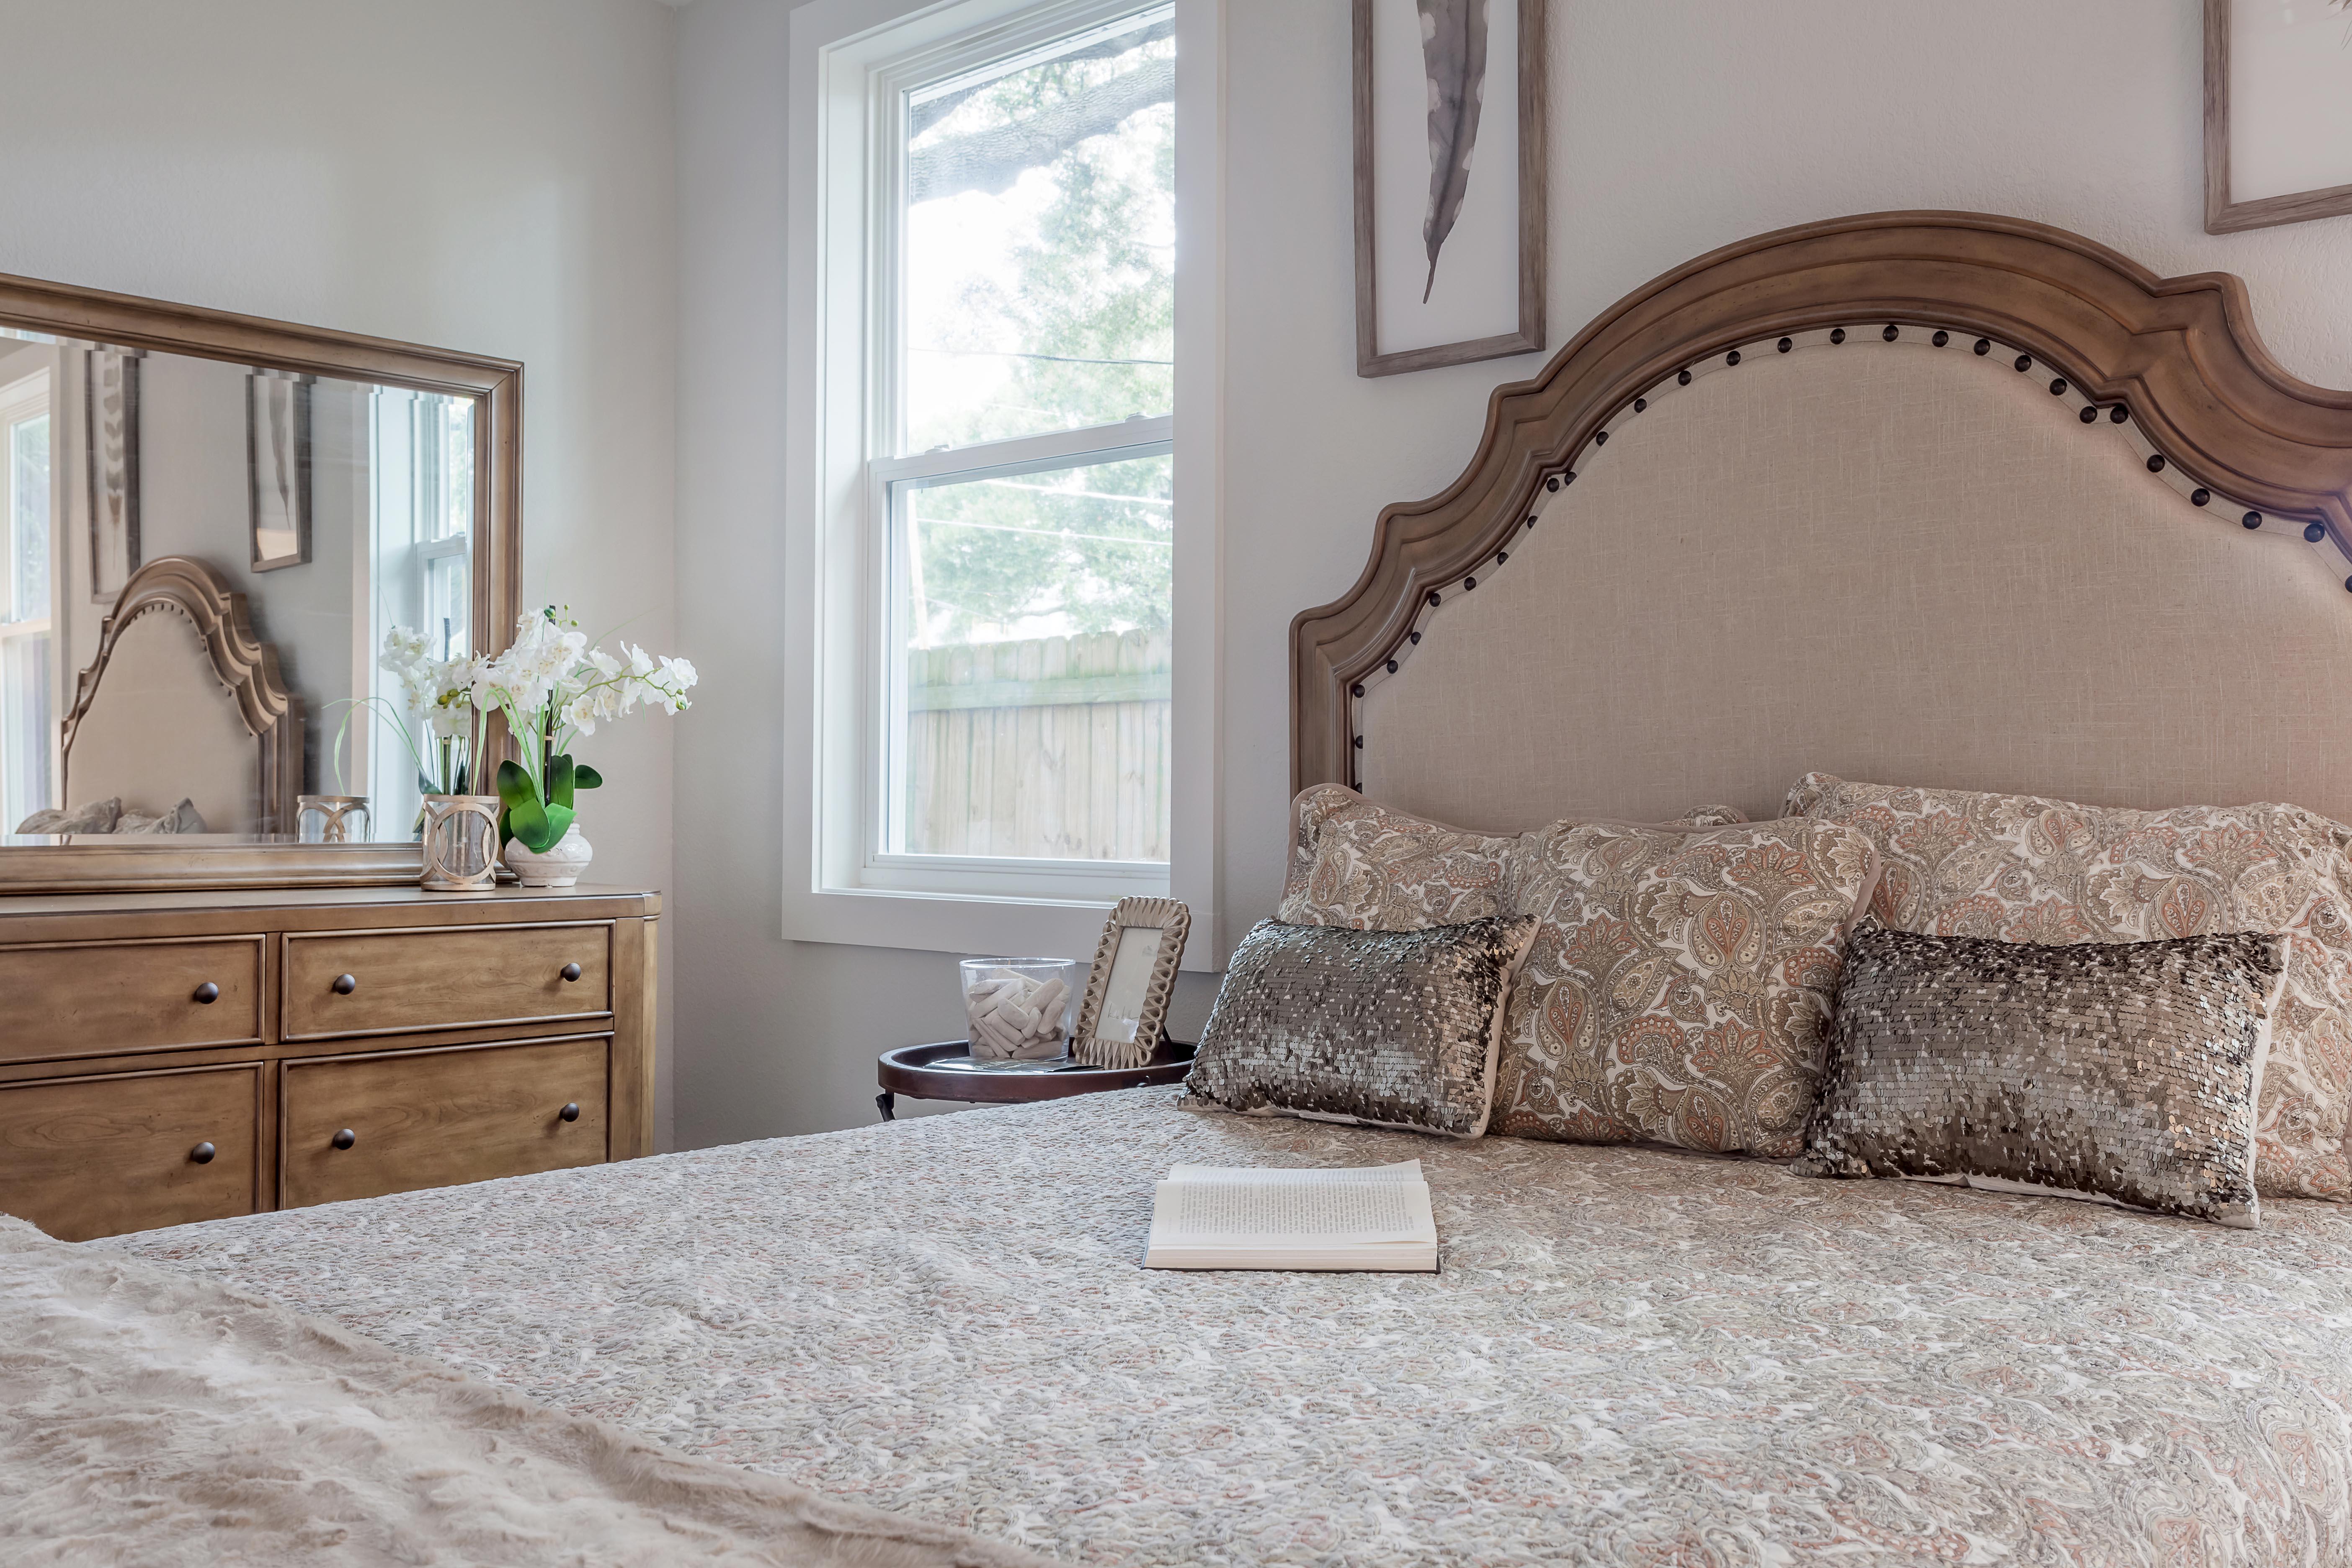 Furnished Master Bedroom